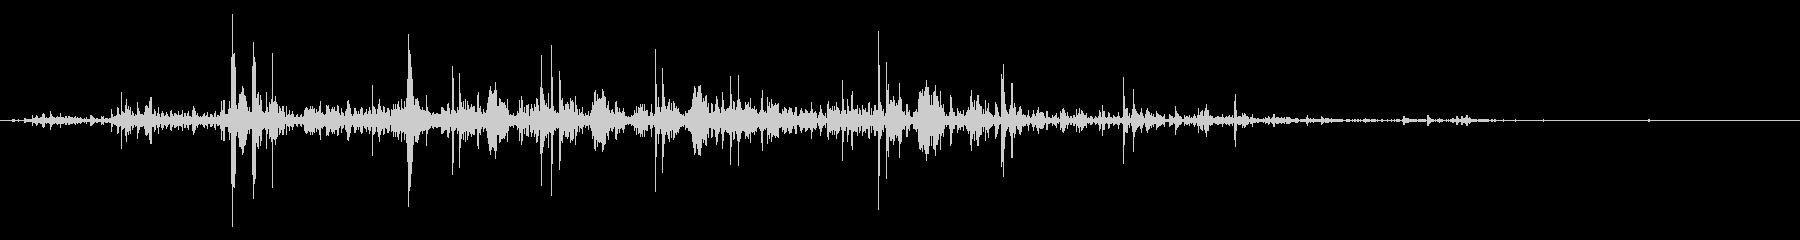 ネバネバ、ヌメヌメとした不気味な音B#4の未再生の波形